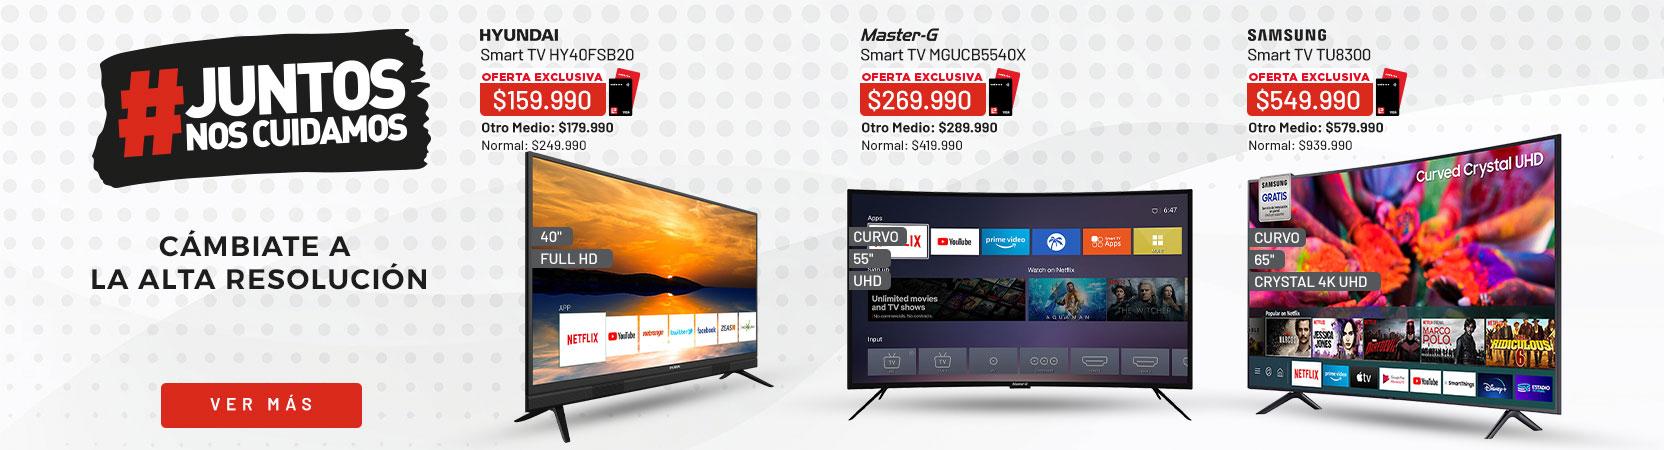 Smart TV    Cámbiate a la alta resolución